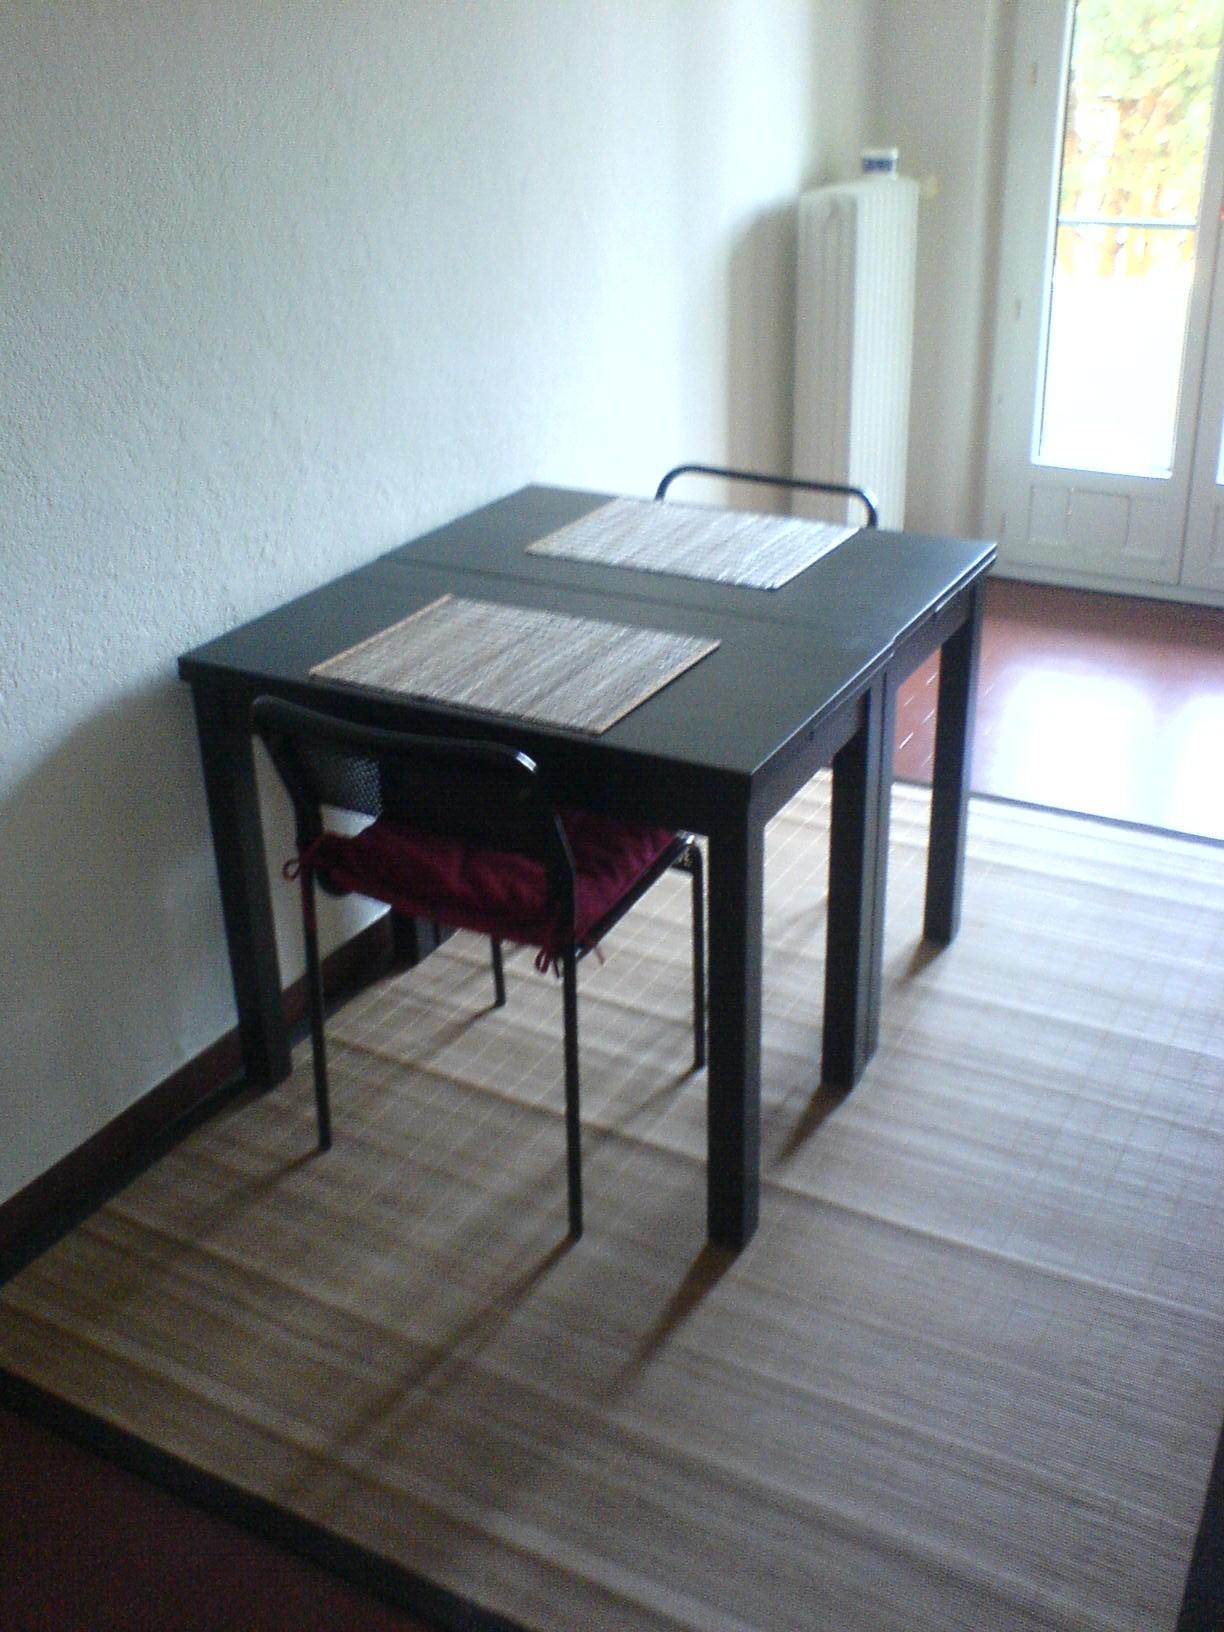 meine neue wohnung inneneinrichtung heiniger net. Black Bedroom Furniture Sets. Home Design Ideas